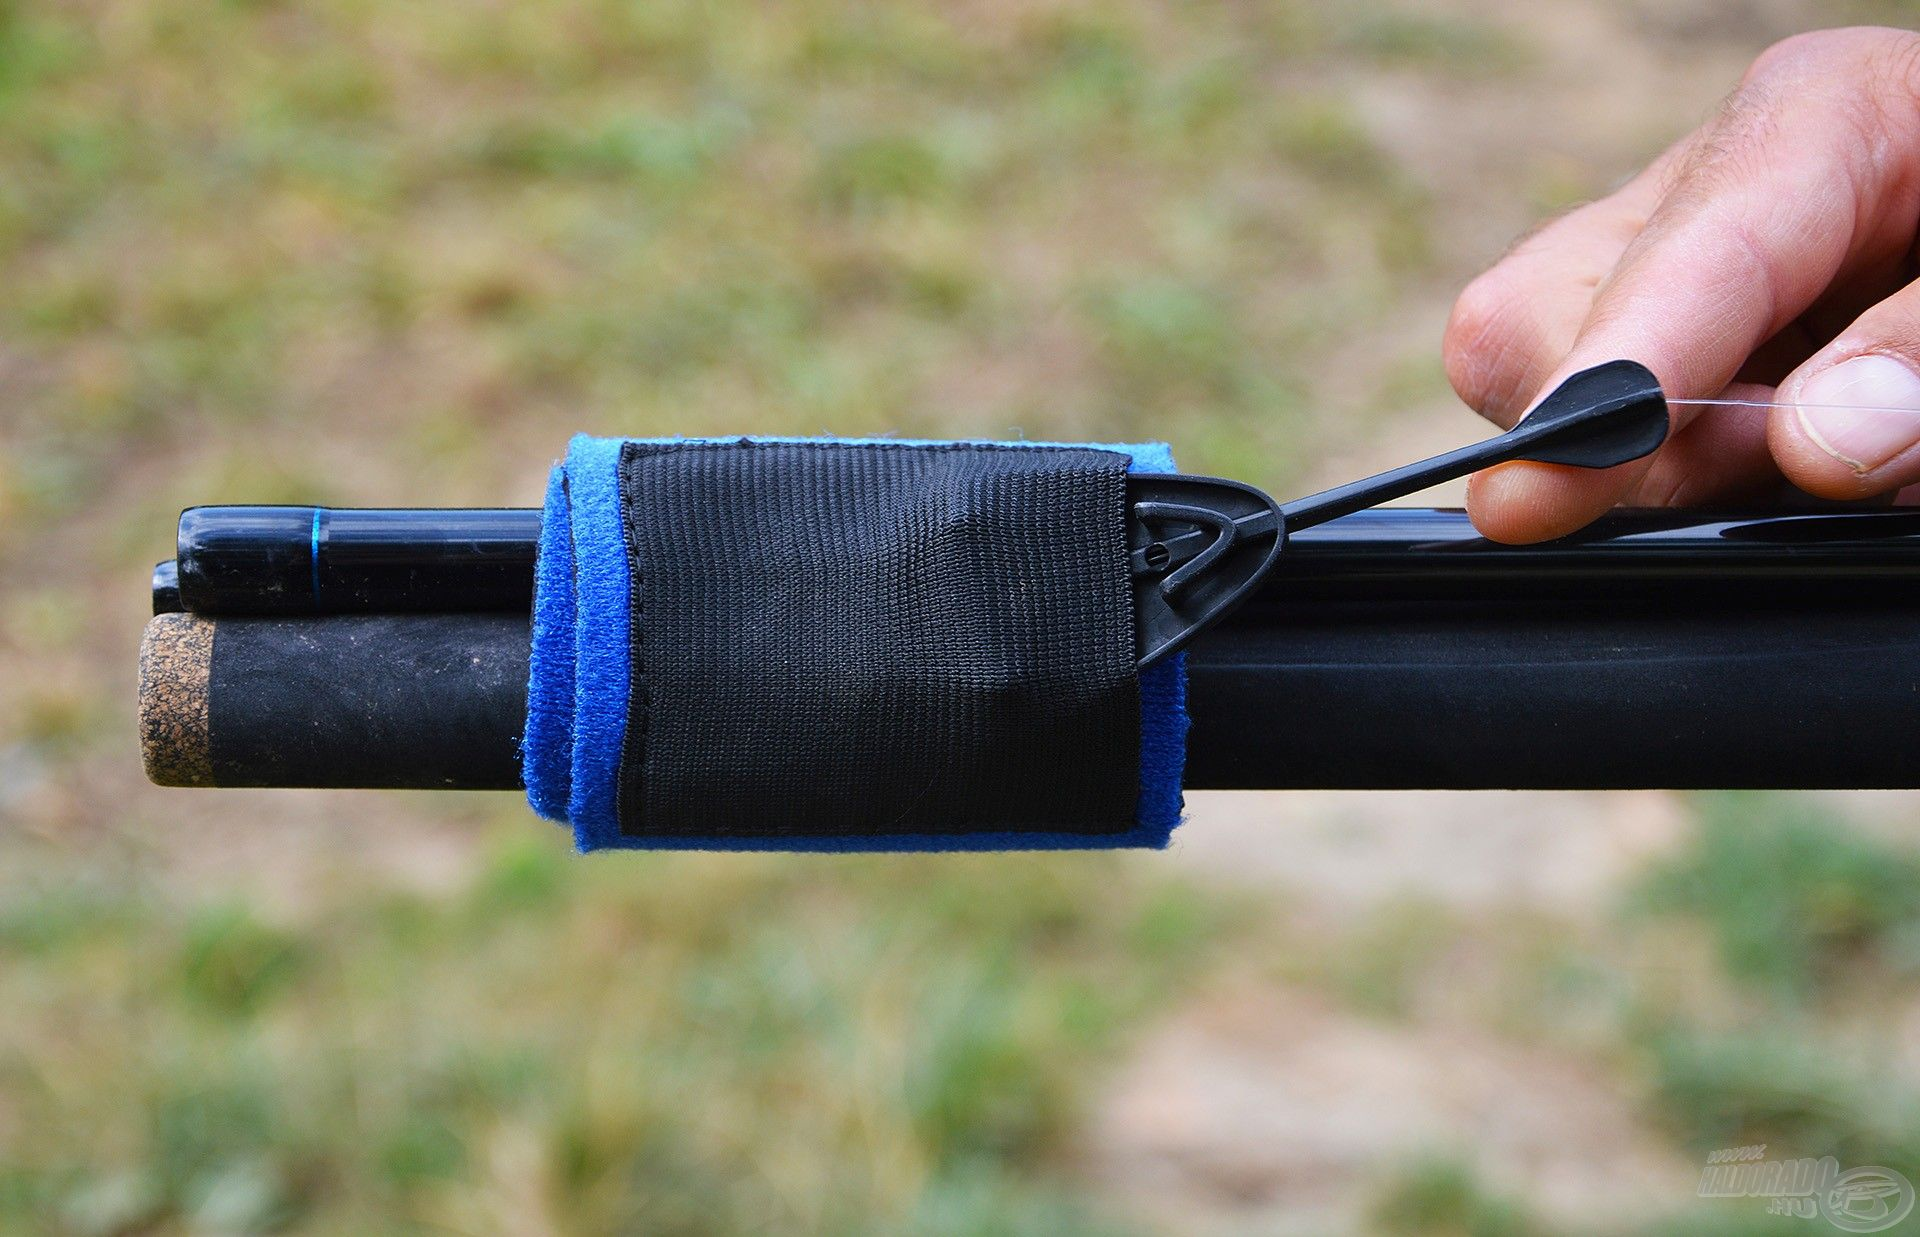 A zseb gumis, így stabilan megtartja az etetőkosarat